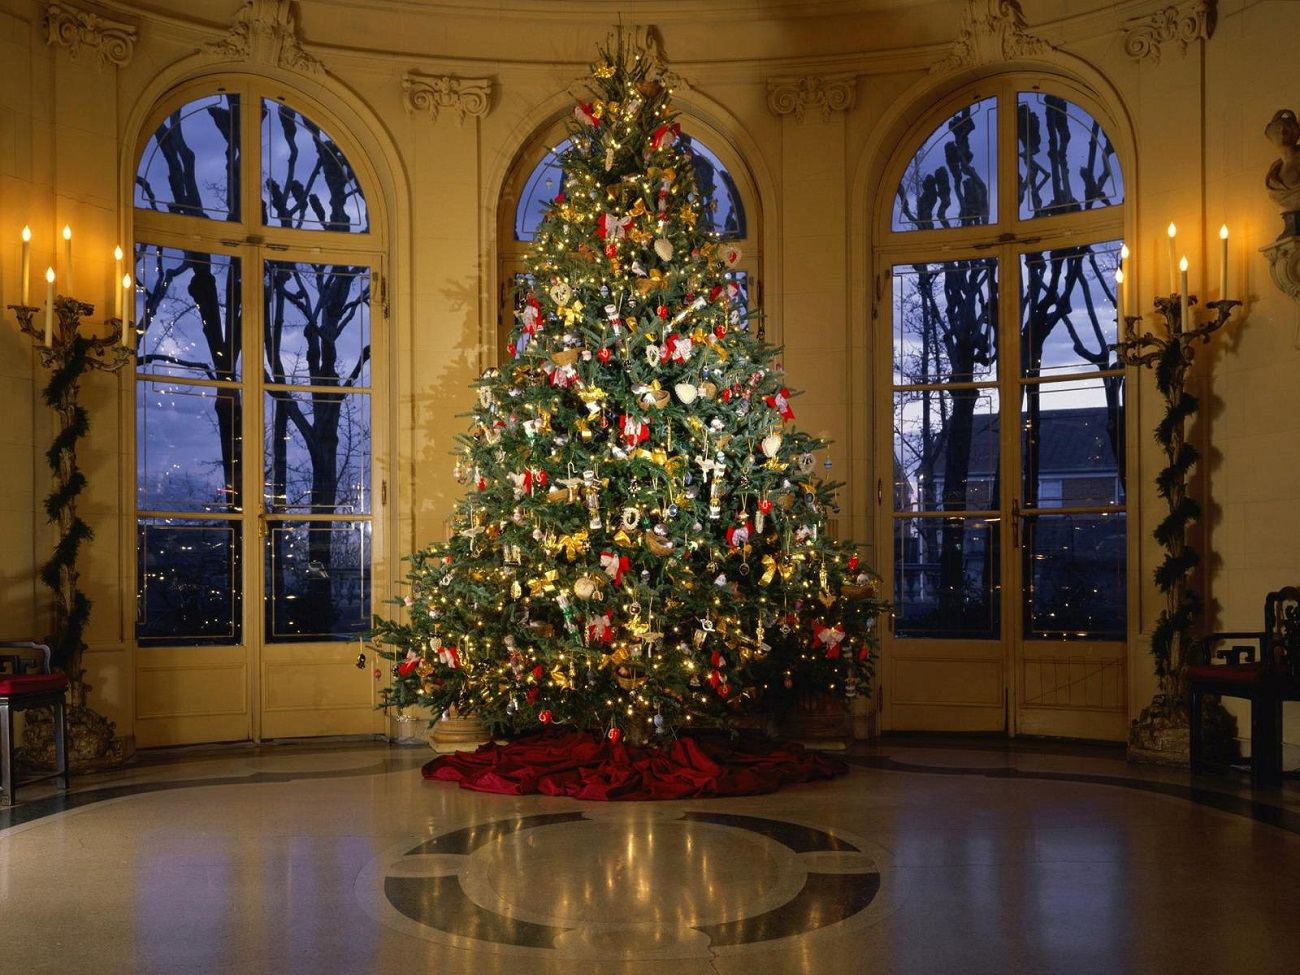 Pomul de Crăciun înfrumusețează toate casele din lume